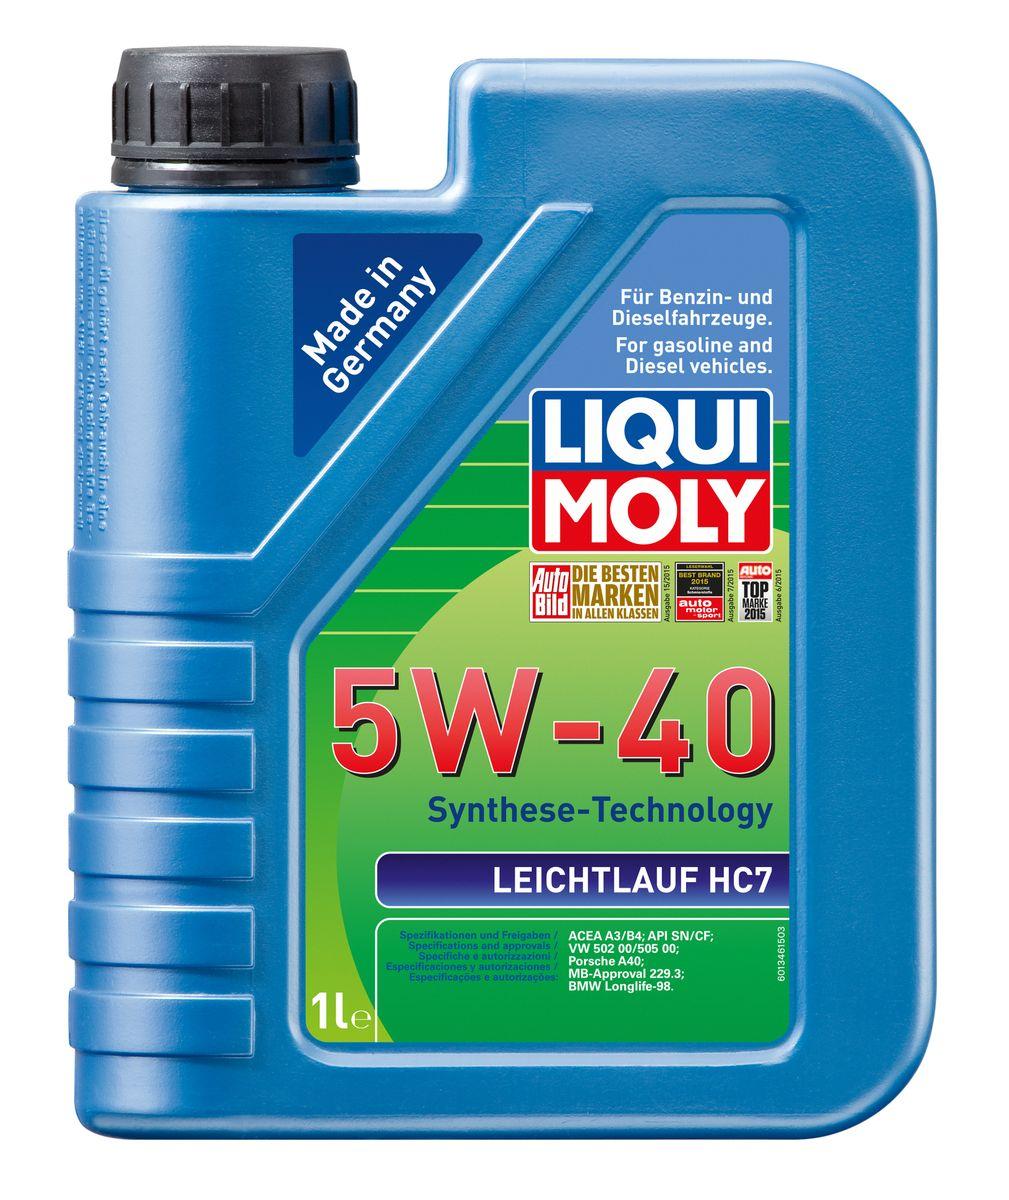 Масло моторное Liqui Moly Leichtlauf HC 7, НС-синтетическое, 5W-40, 1 л1346Масло моторное Liqui Moly Leichtlauf HC 7 - HC-синтетическое моторное масло с пакетом присадок, удовлетворяющее требованиям широкого спектра современных автомобилей. Благодаря новейшим технологиям синтеза и вязкости 5W-40 масло обеспечивает высокий уровень защиты и оптимальное смазывание деталей двигателя. Масло создано на основе базовых компонентов, произведенных по технологии HC-синтеза, с учетом самых высоких требований, предъявляемых современными и мощными бензиновыми и дизельными двигателями. Оно обеспечивает отличную смазку при любых условиях эксплуатации. Одновременно снижается до минимума трение, в результате чего уменьшается расход топлива. Особенности: - быстрое поступление масла к деталям двигателя при низких температурах, - надежная защита от износа, - низкий расход масла, - оптимальная чистота двигателя, - экономия топлива и снижение вредных выбросов, - проверено на турбированных двигателях и катализаторе....